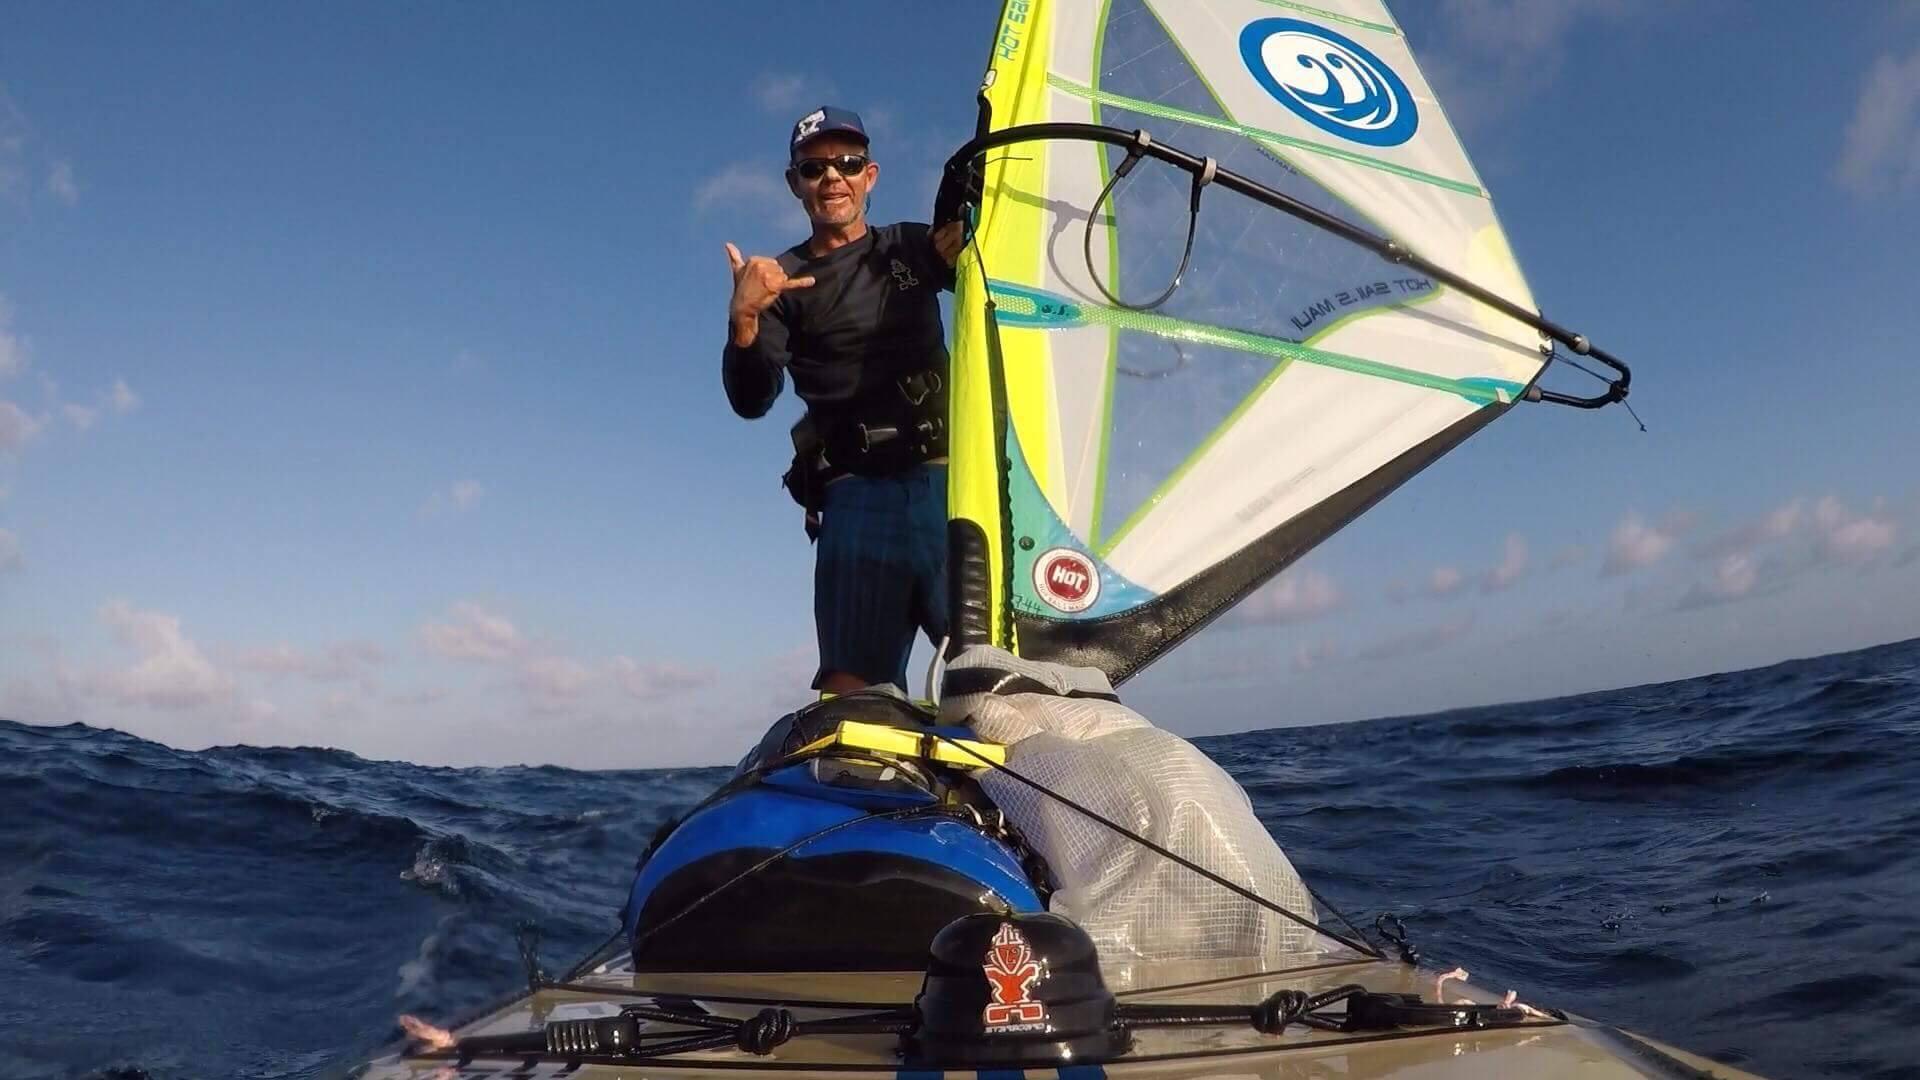 Marquesas-Island-Expedition-bart-de-zwart-windsurf